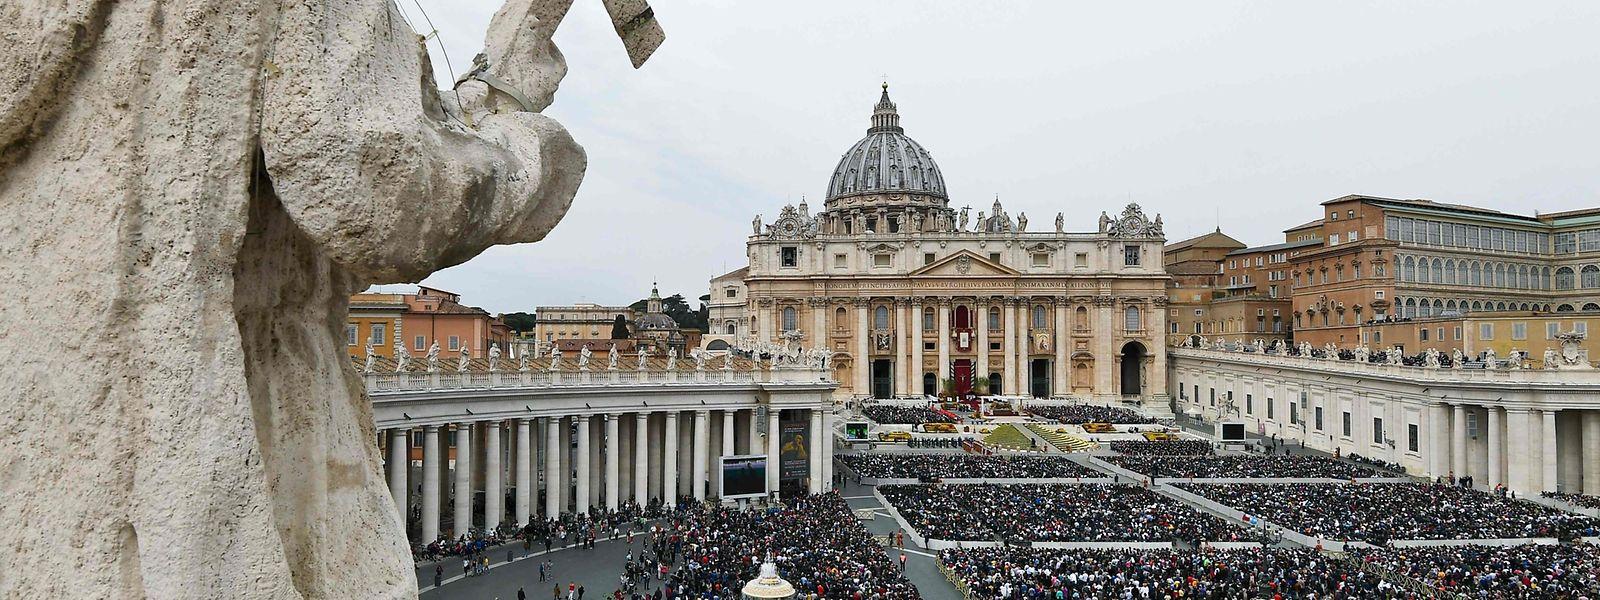 Der Vatikan und der Petersdom sind ein Muss für jeden Rom-Besucher.